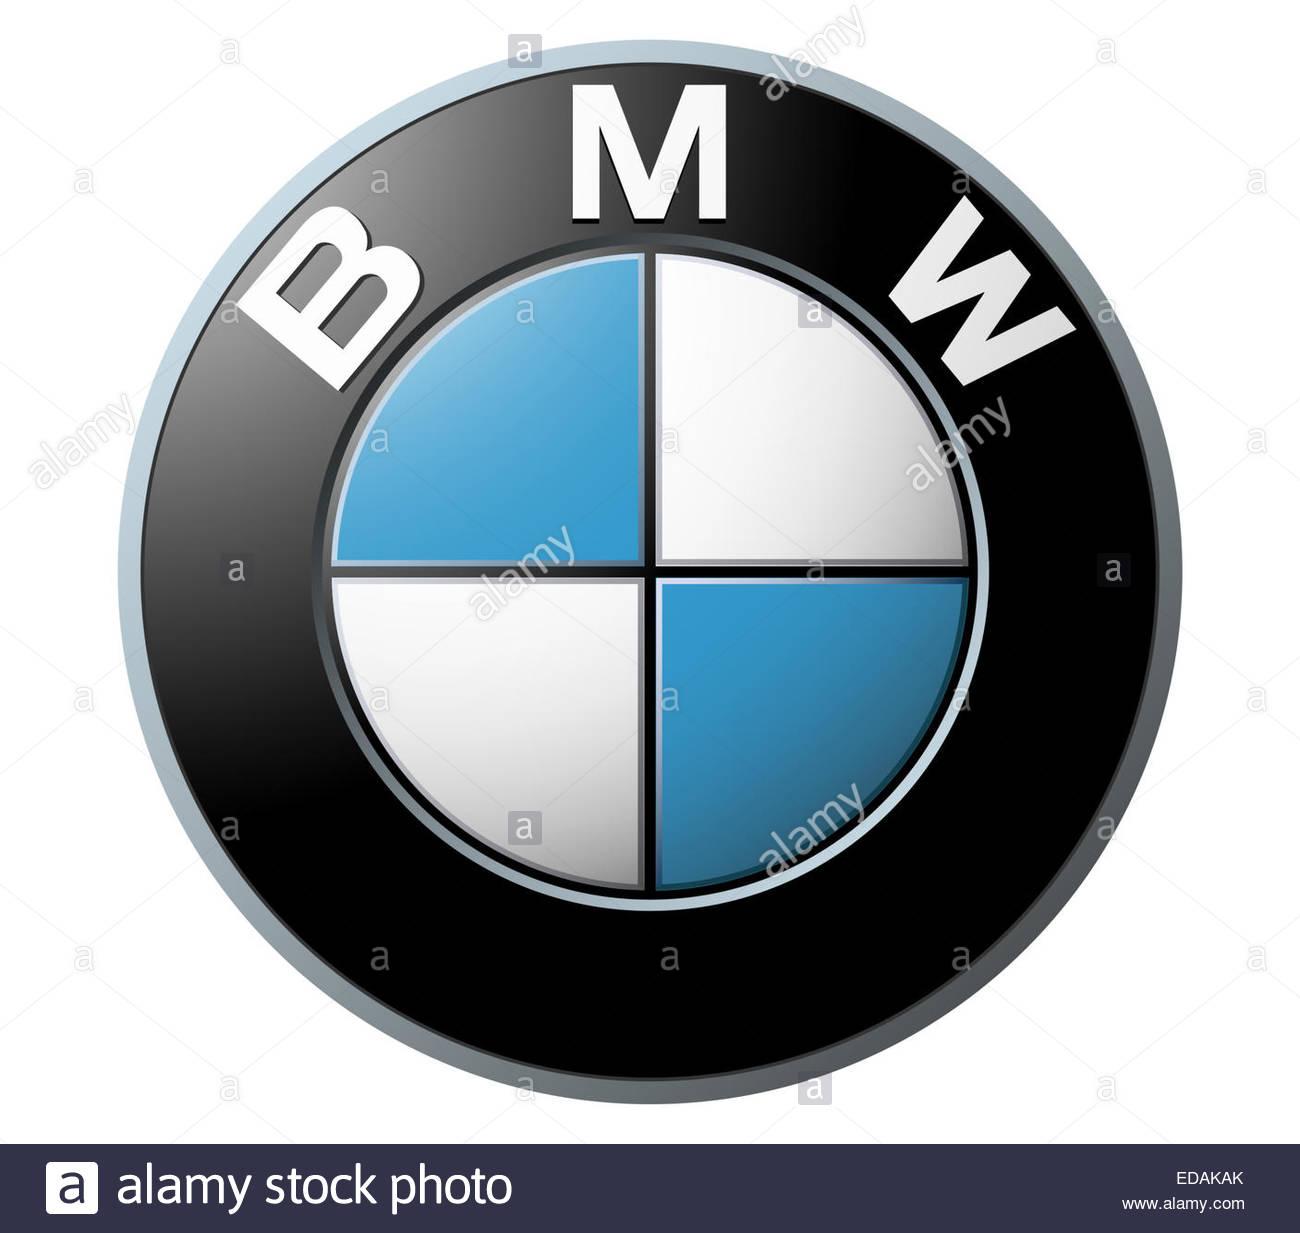 bmw logo symbol zeichen stockfoto bild 77066715 alamy. Black Bedroom Furniture Sets. Home Design Ideas